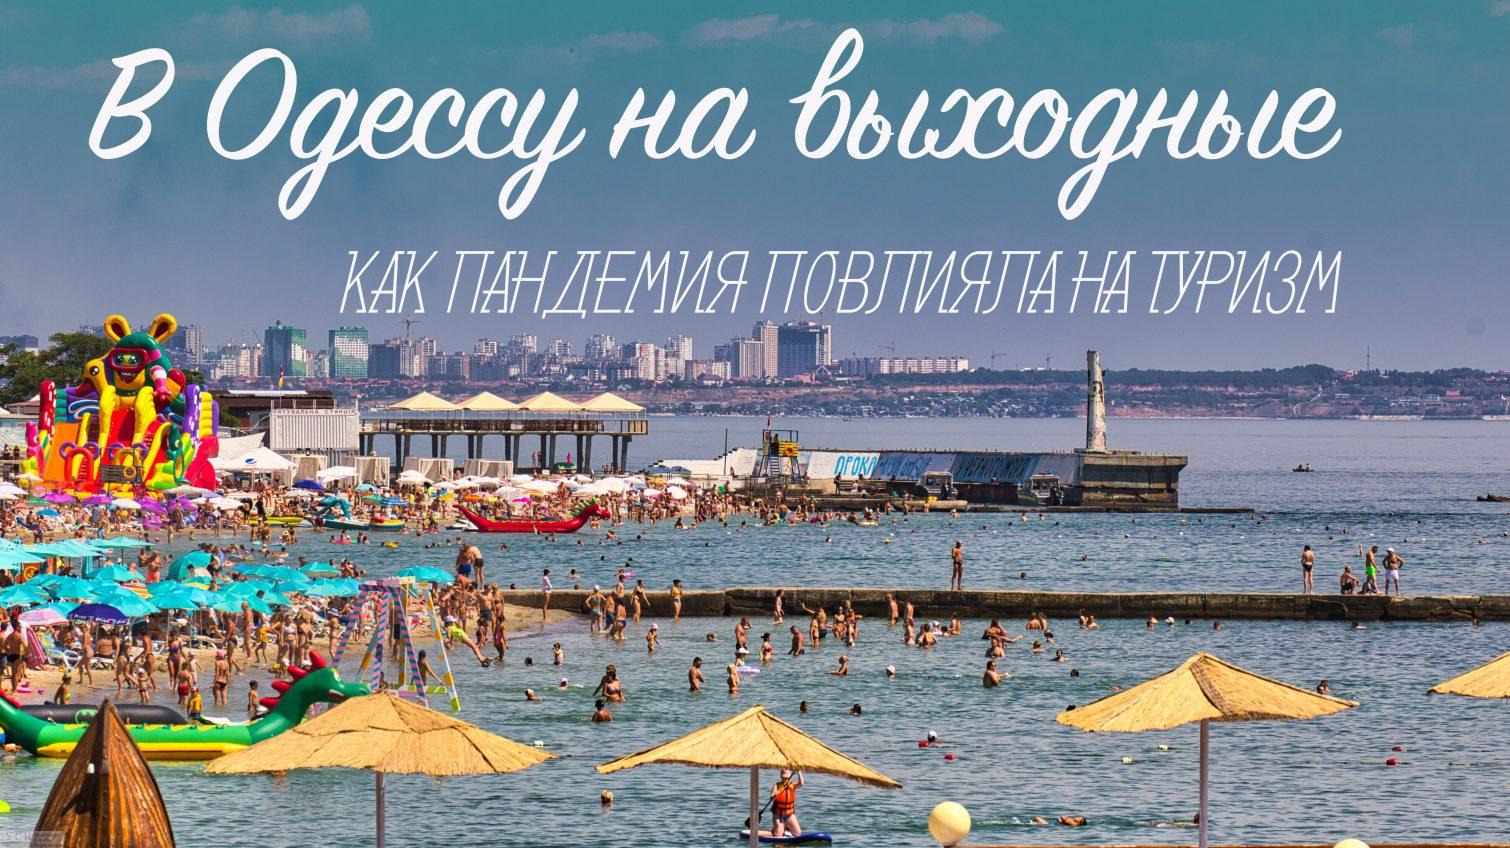 «В Одессу на выходные»: как пандемия повлияла на туризм «фото»